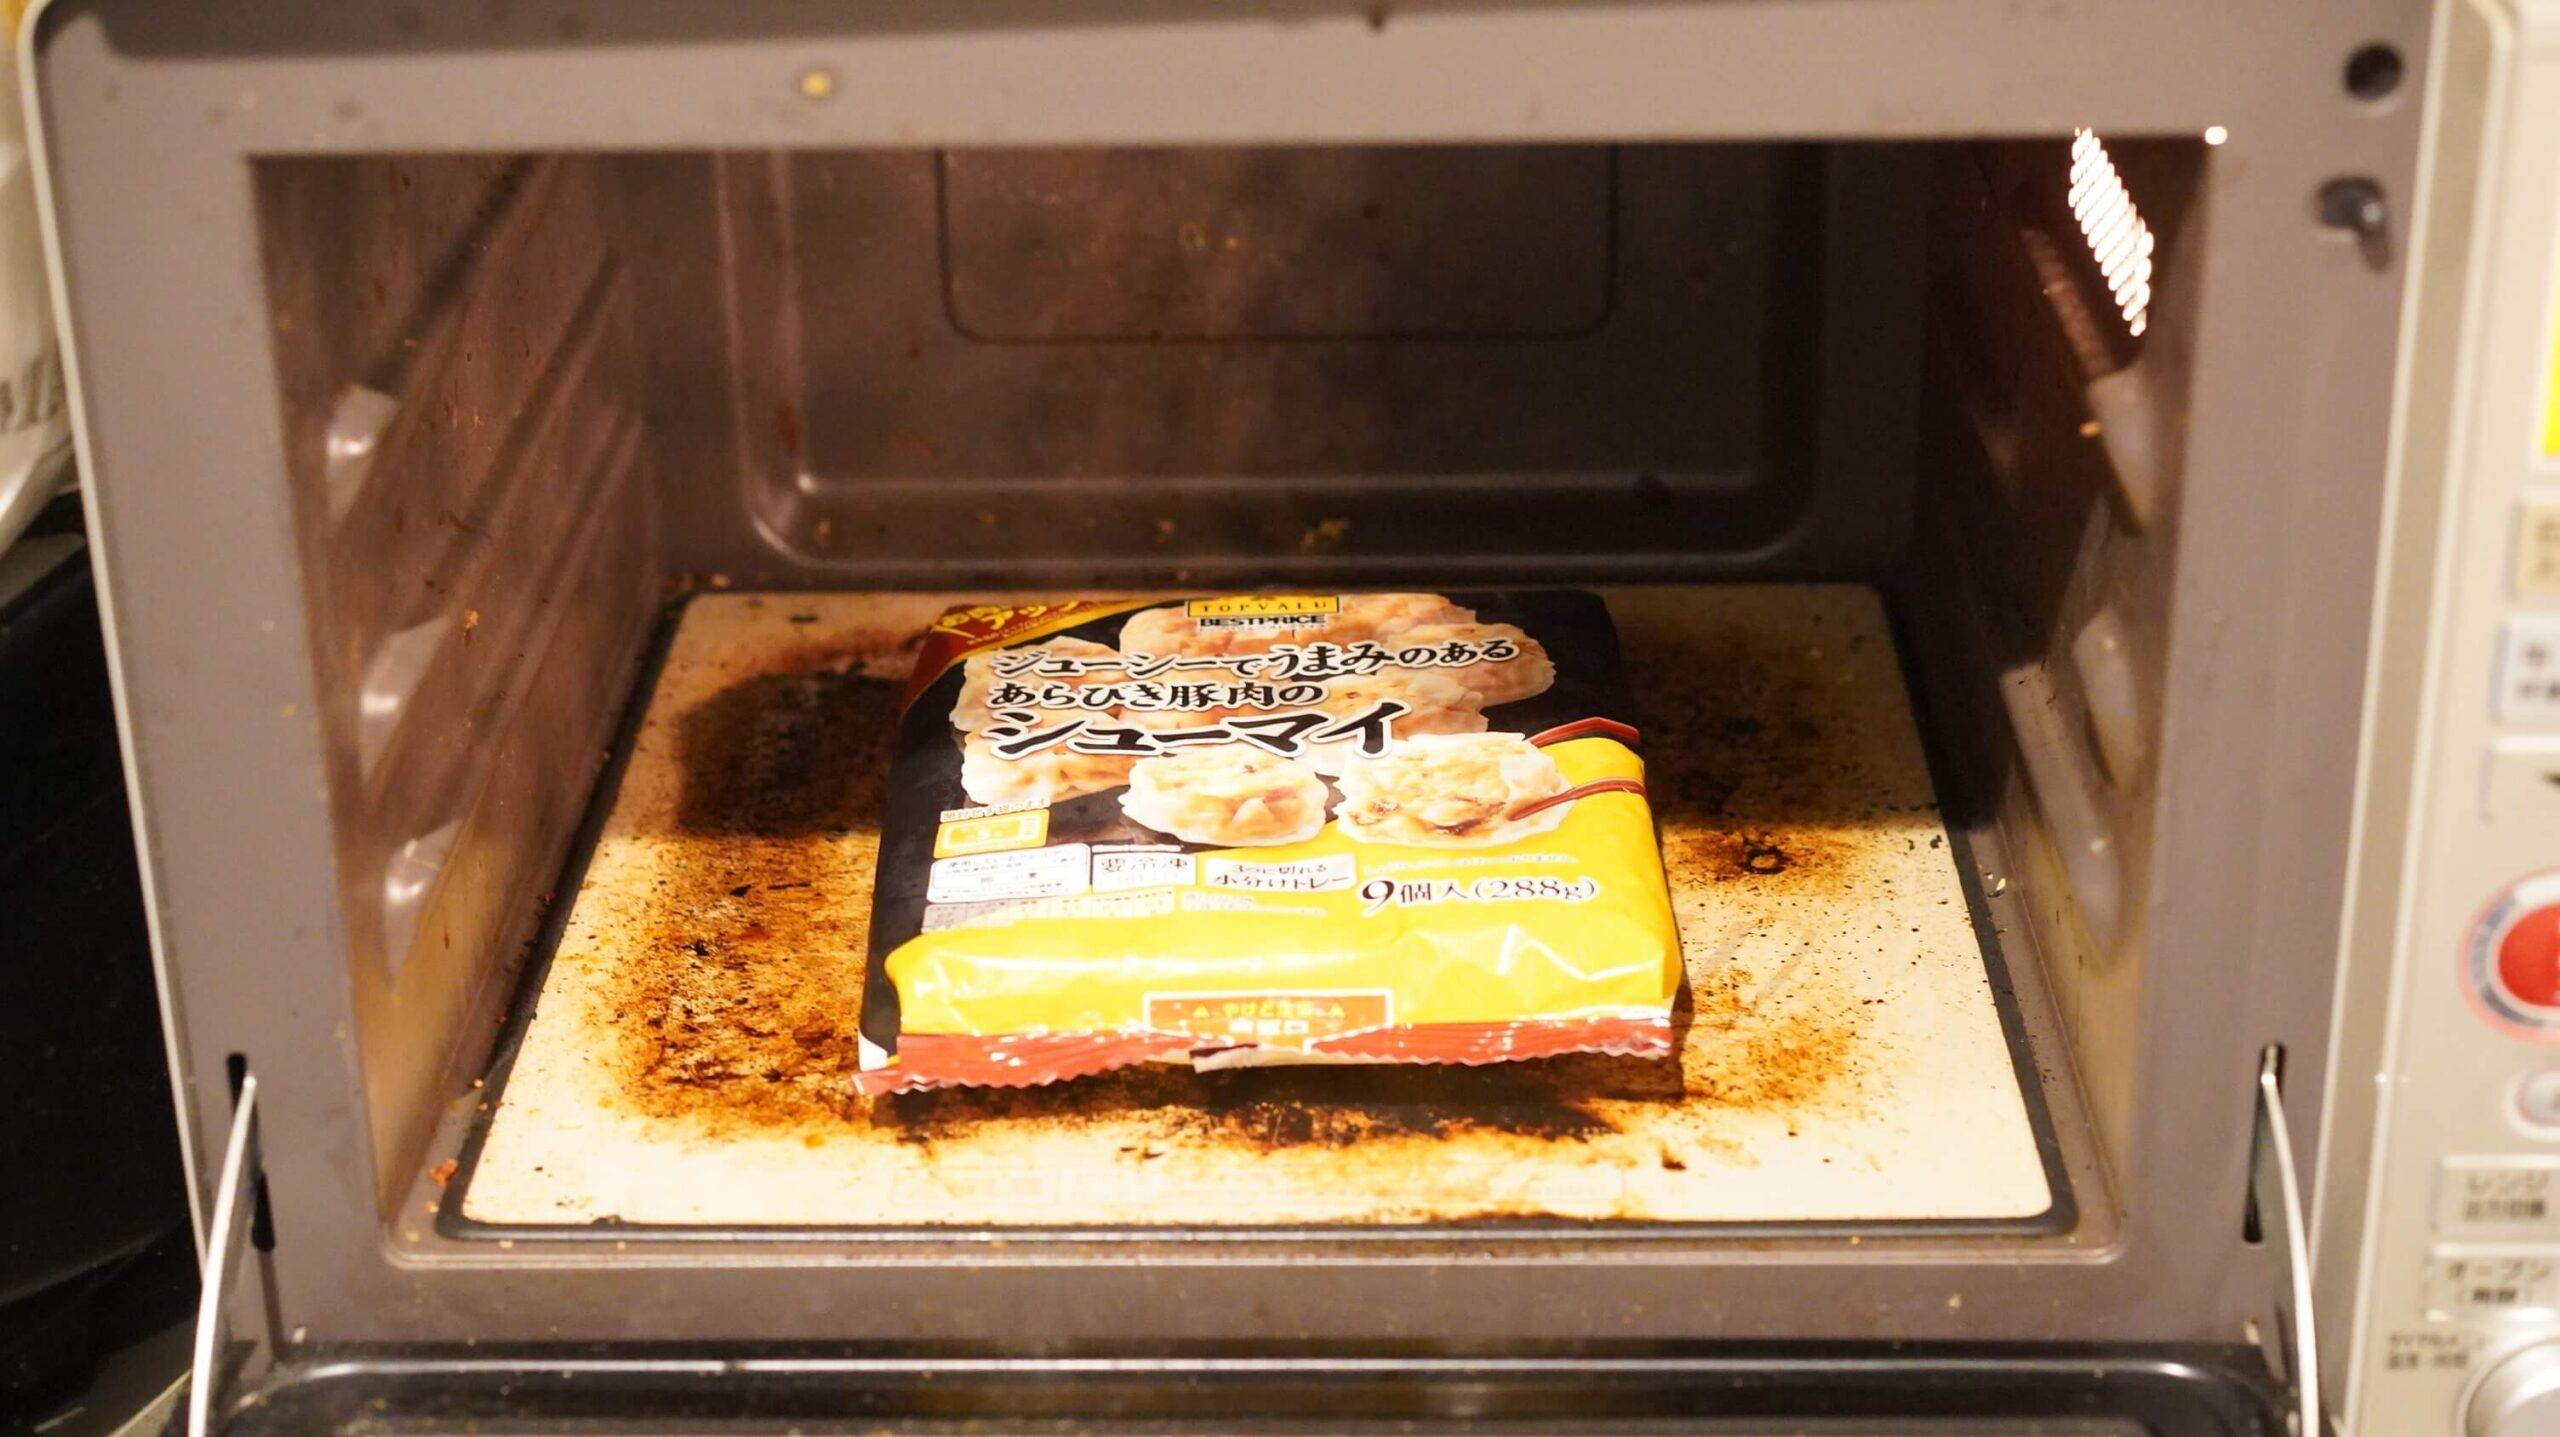 イオン・トップバリュ(TopValu)の「シューマイ」の冷凍食品を電子レンジで加熱している写真